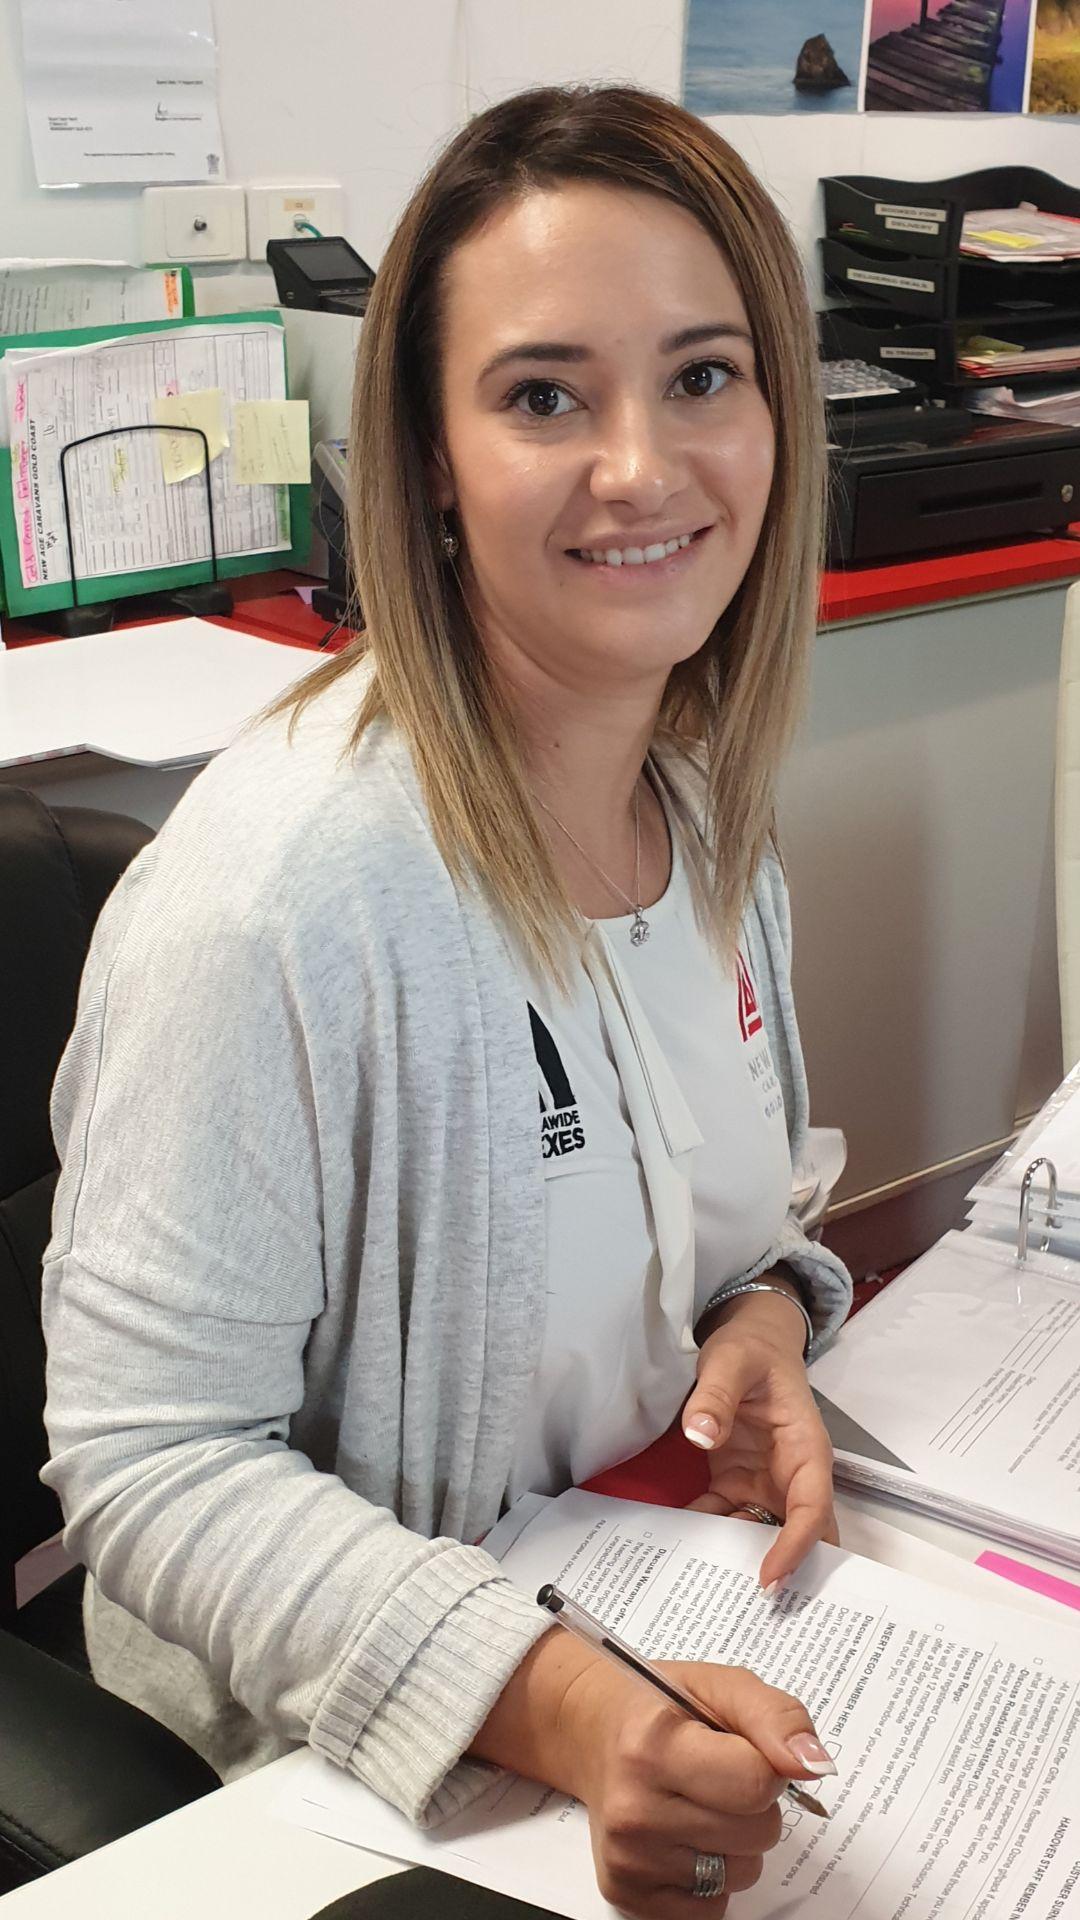 lady receptionist smiling grey cardigan